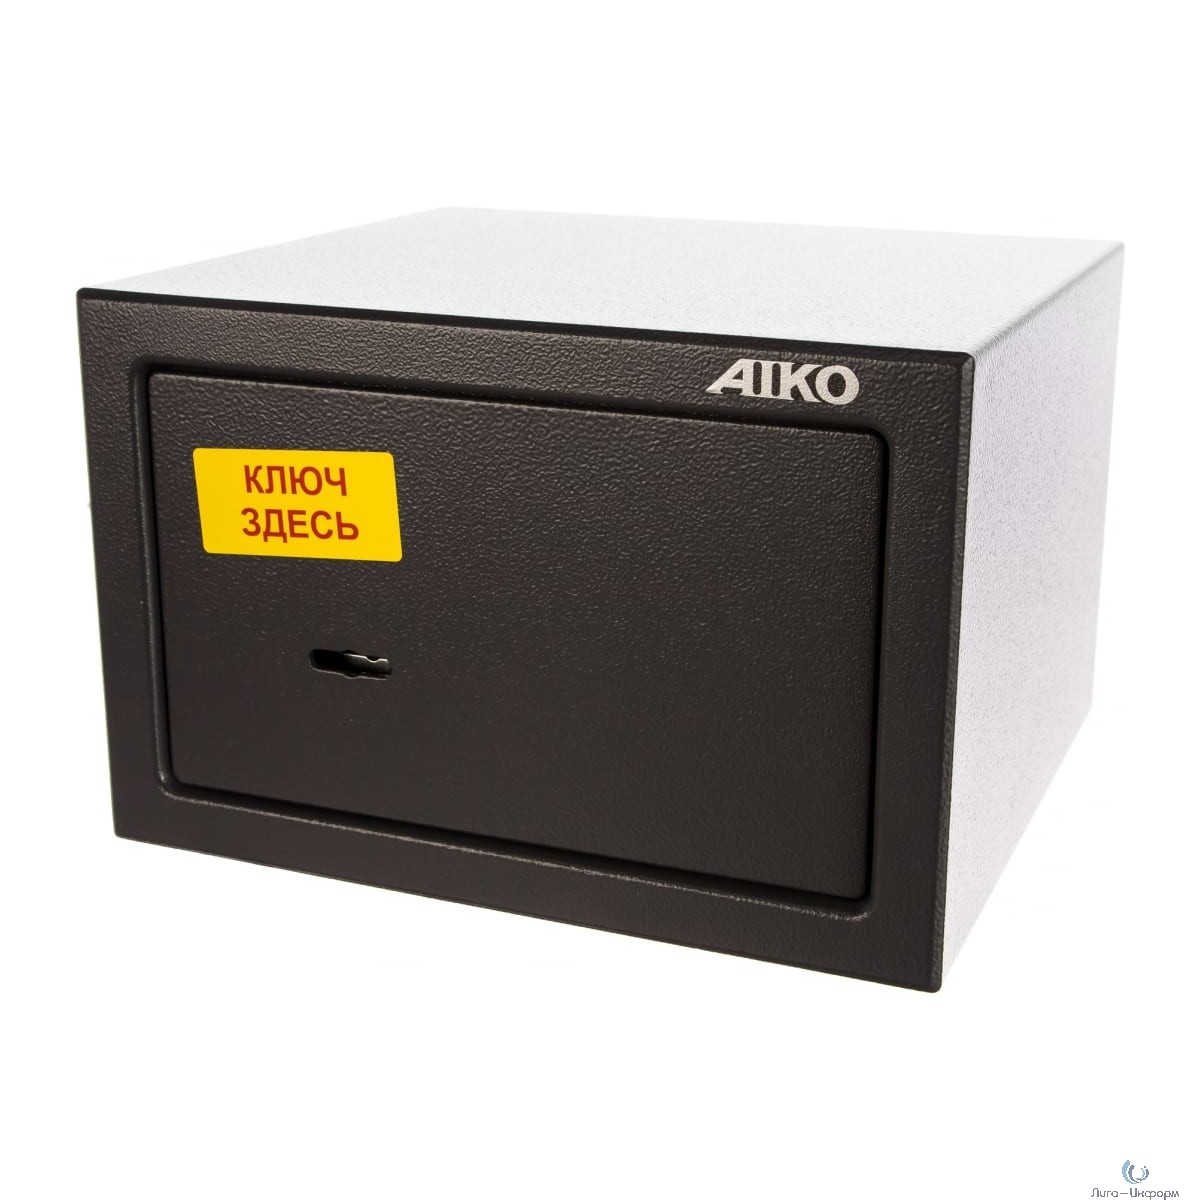 Мебельный сейф AIKO T-170 KL (Внешние размеры: 170x260x230 мм, Вес:3,7 кг) [S10399210514]